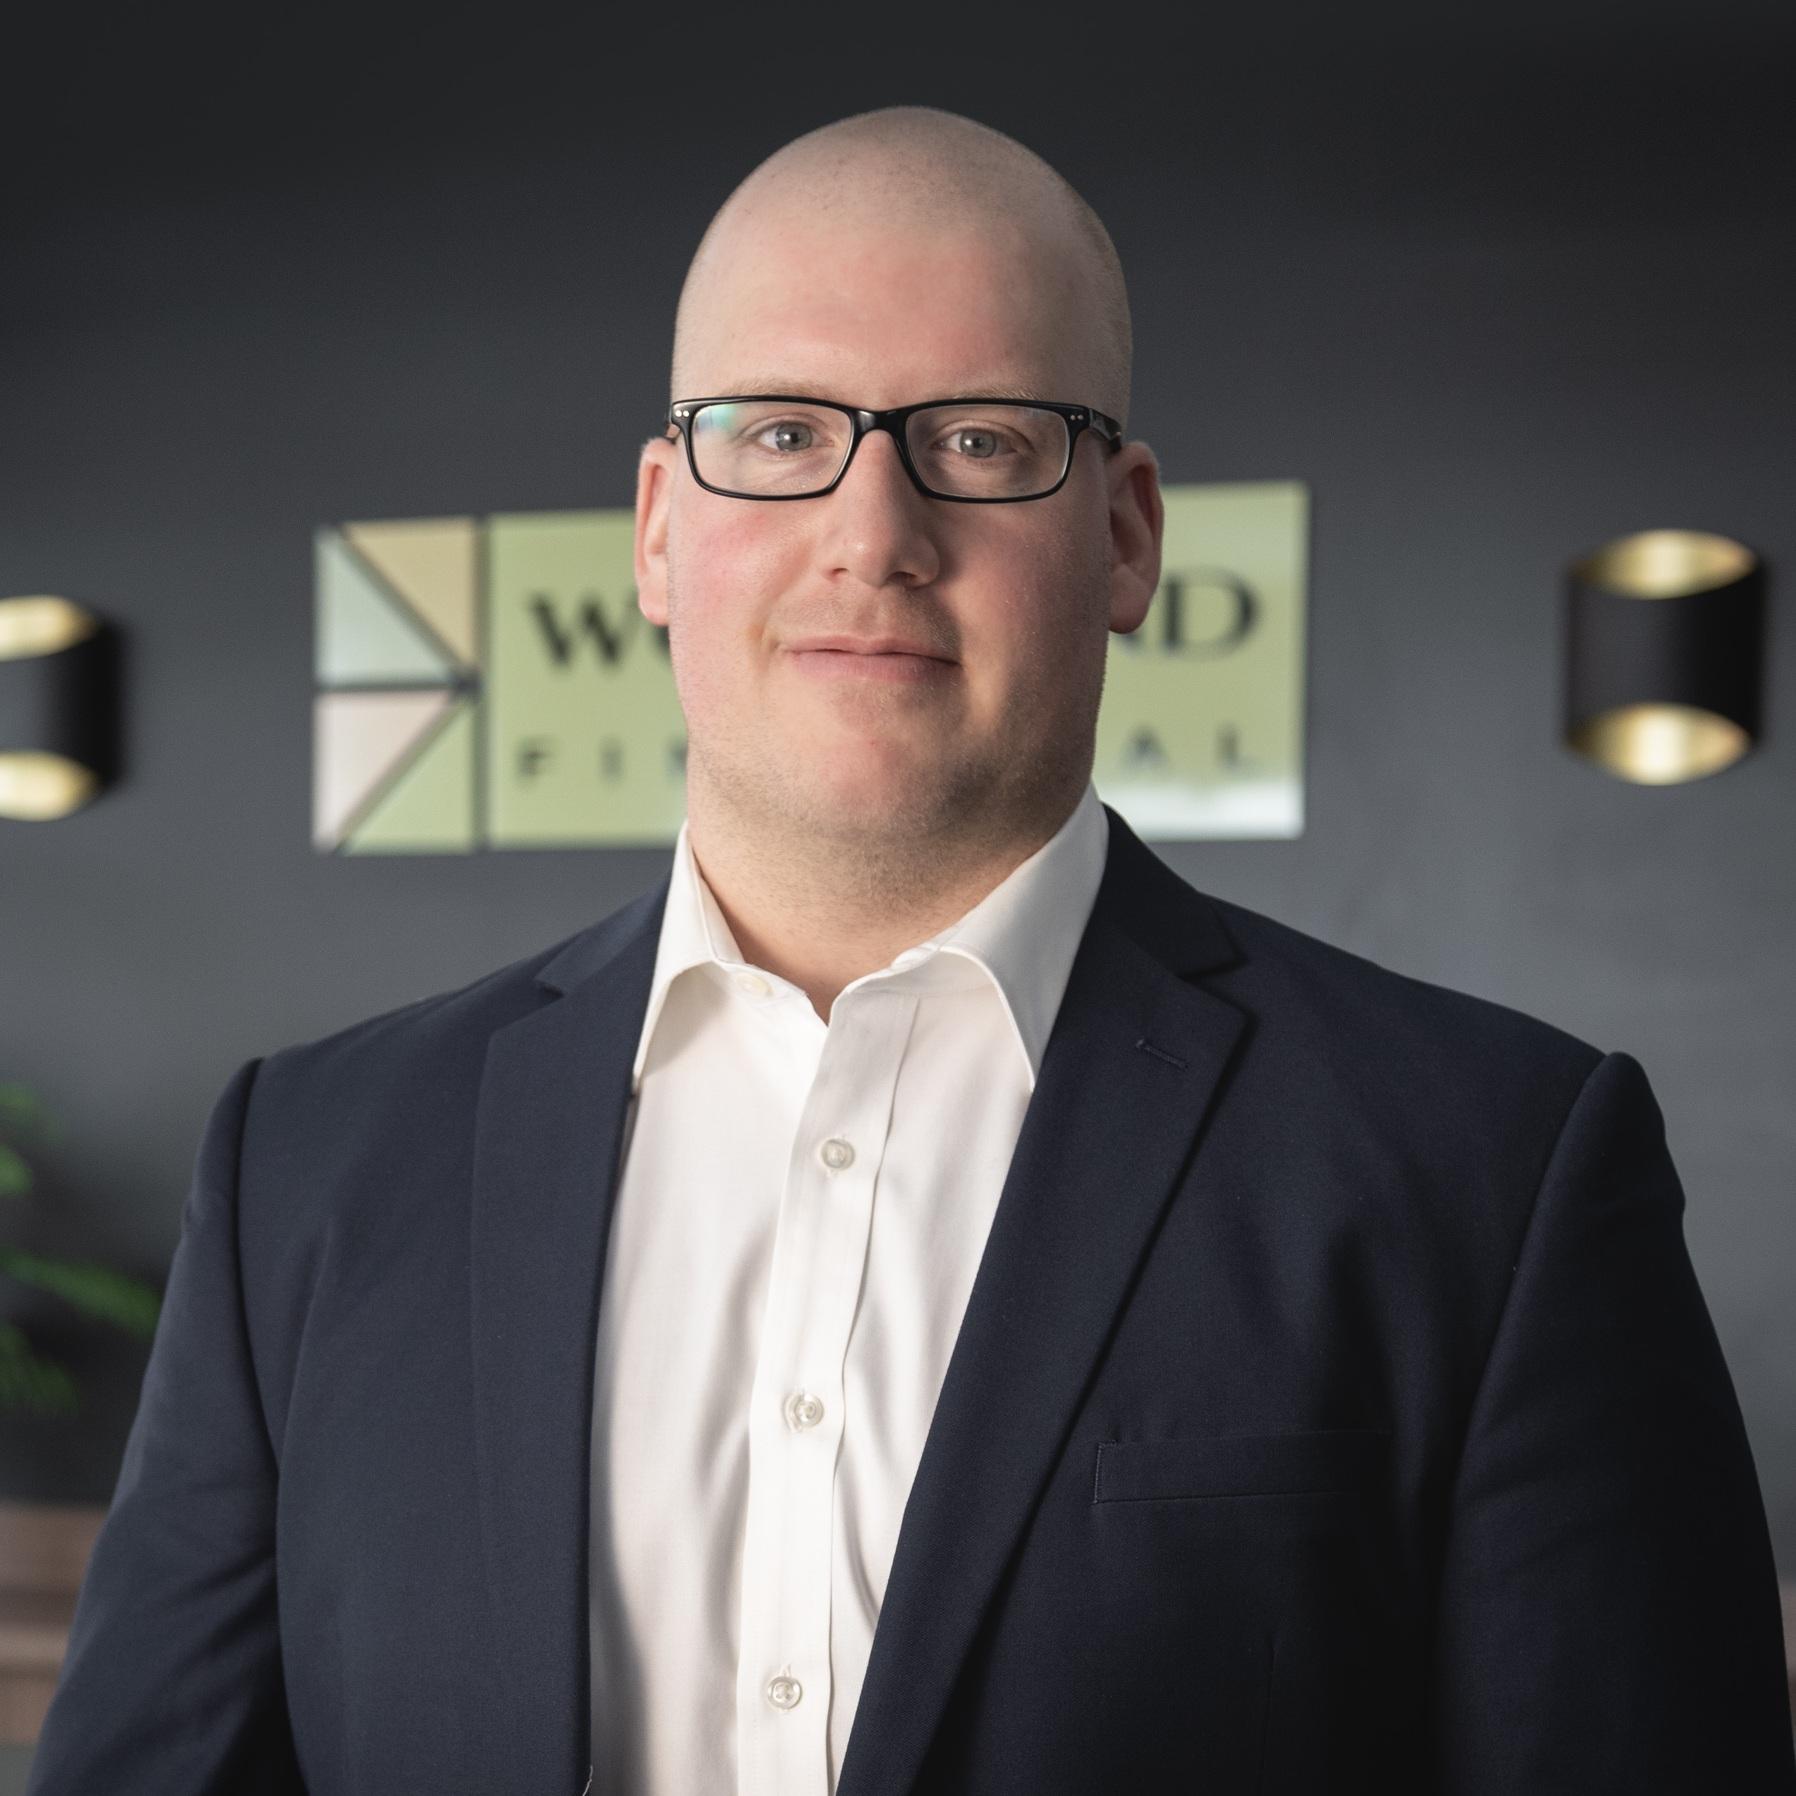 Todd Doepker - Wolfond Financial Planning Regina Saskatchewan